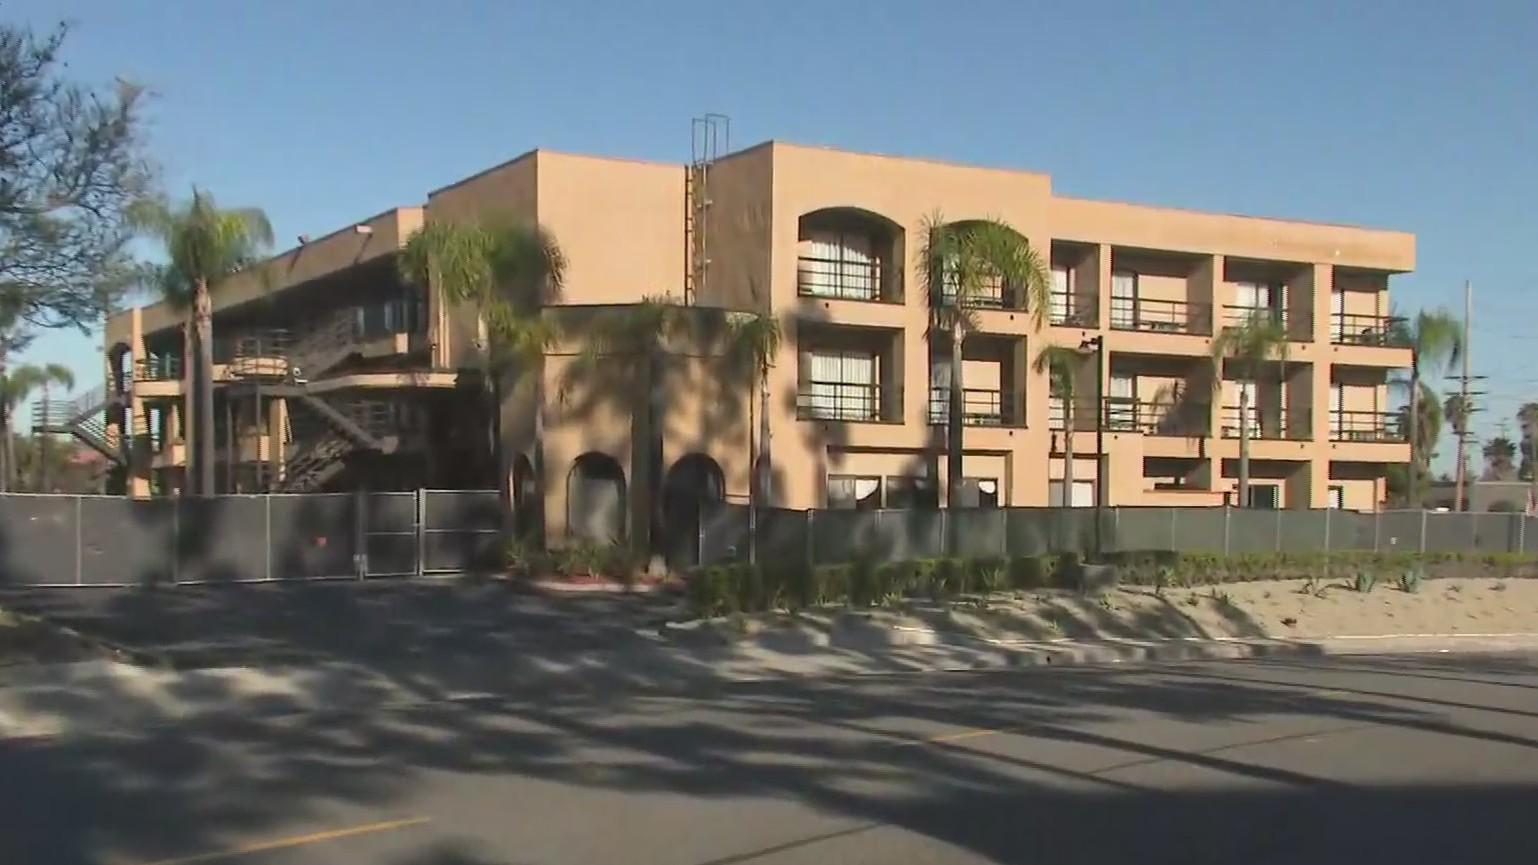 The Laguna Hills Inn is seen in this image taken on April 16, 2020. (KTLA)